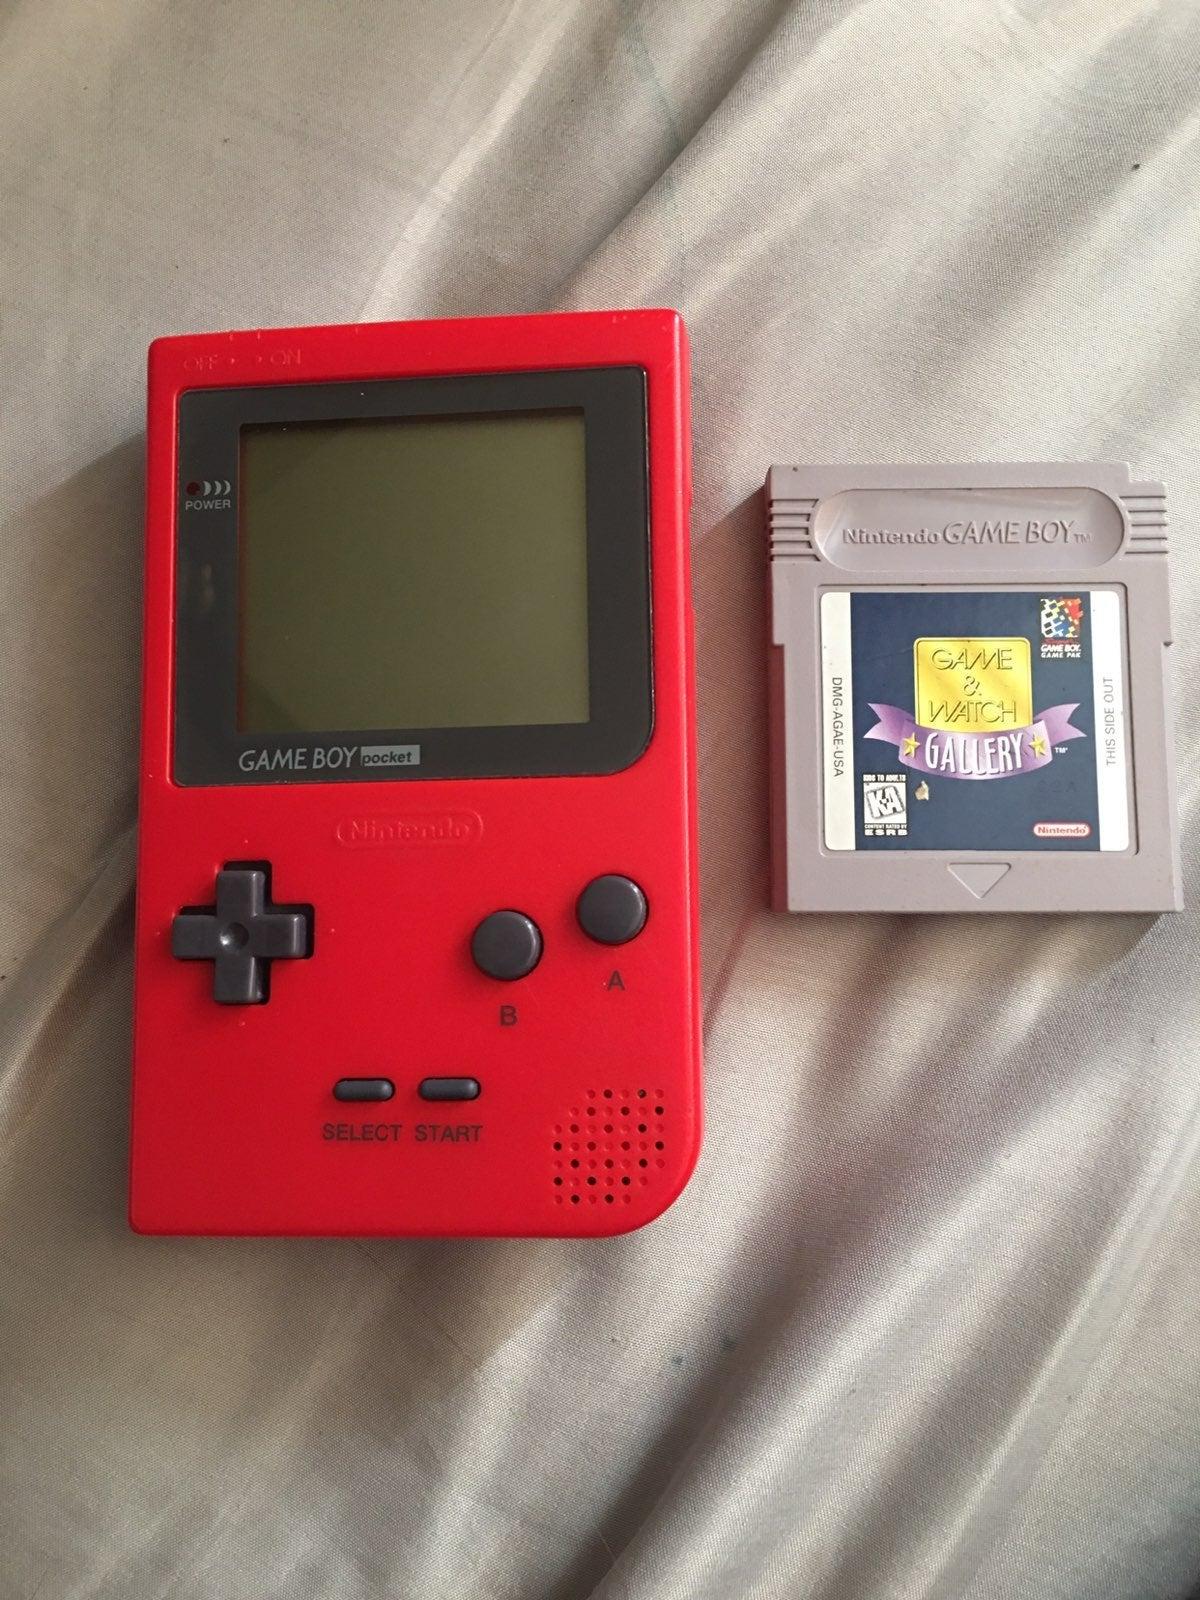 gameboy pocket +Game